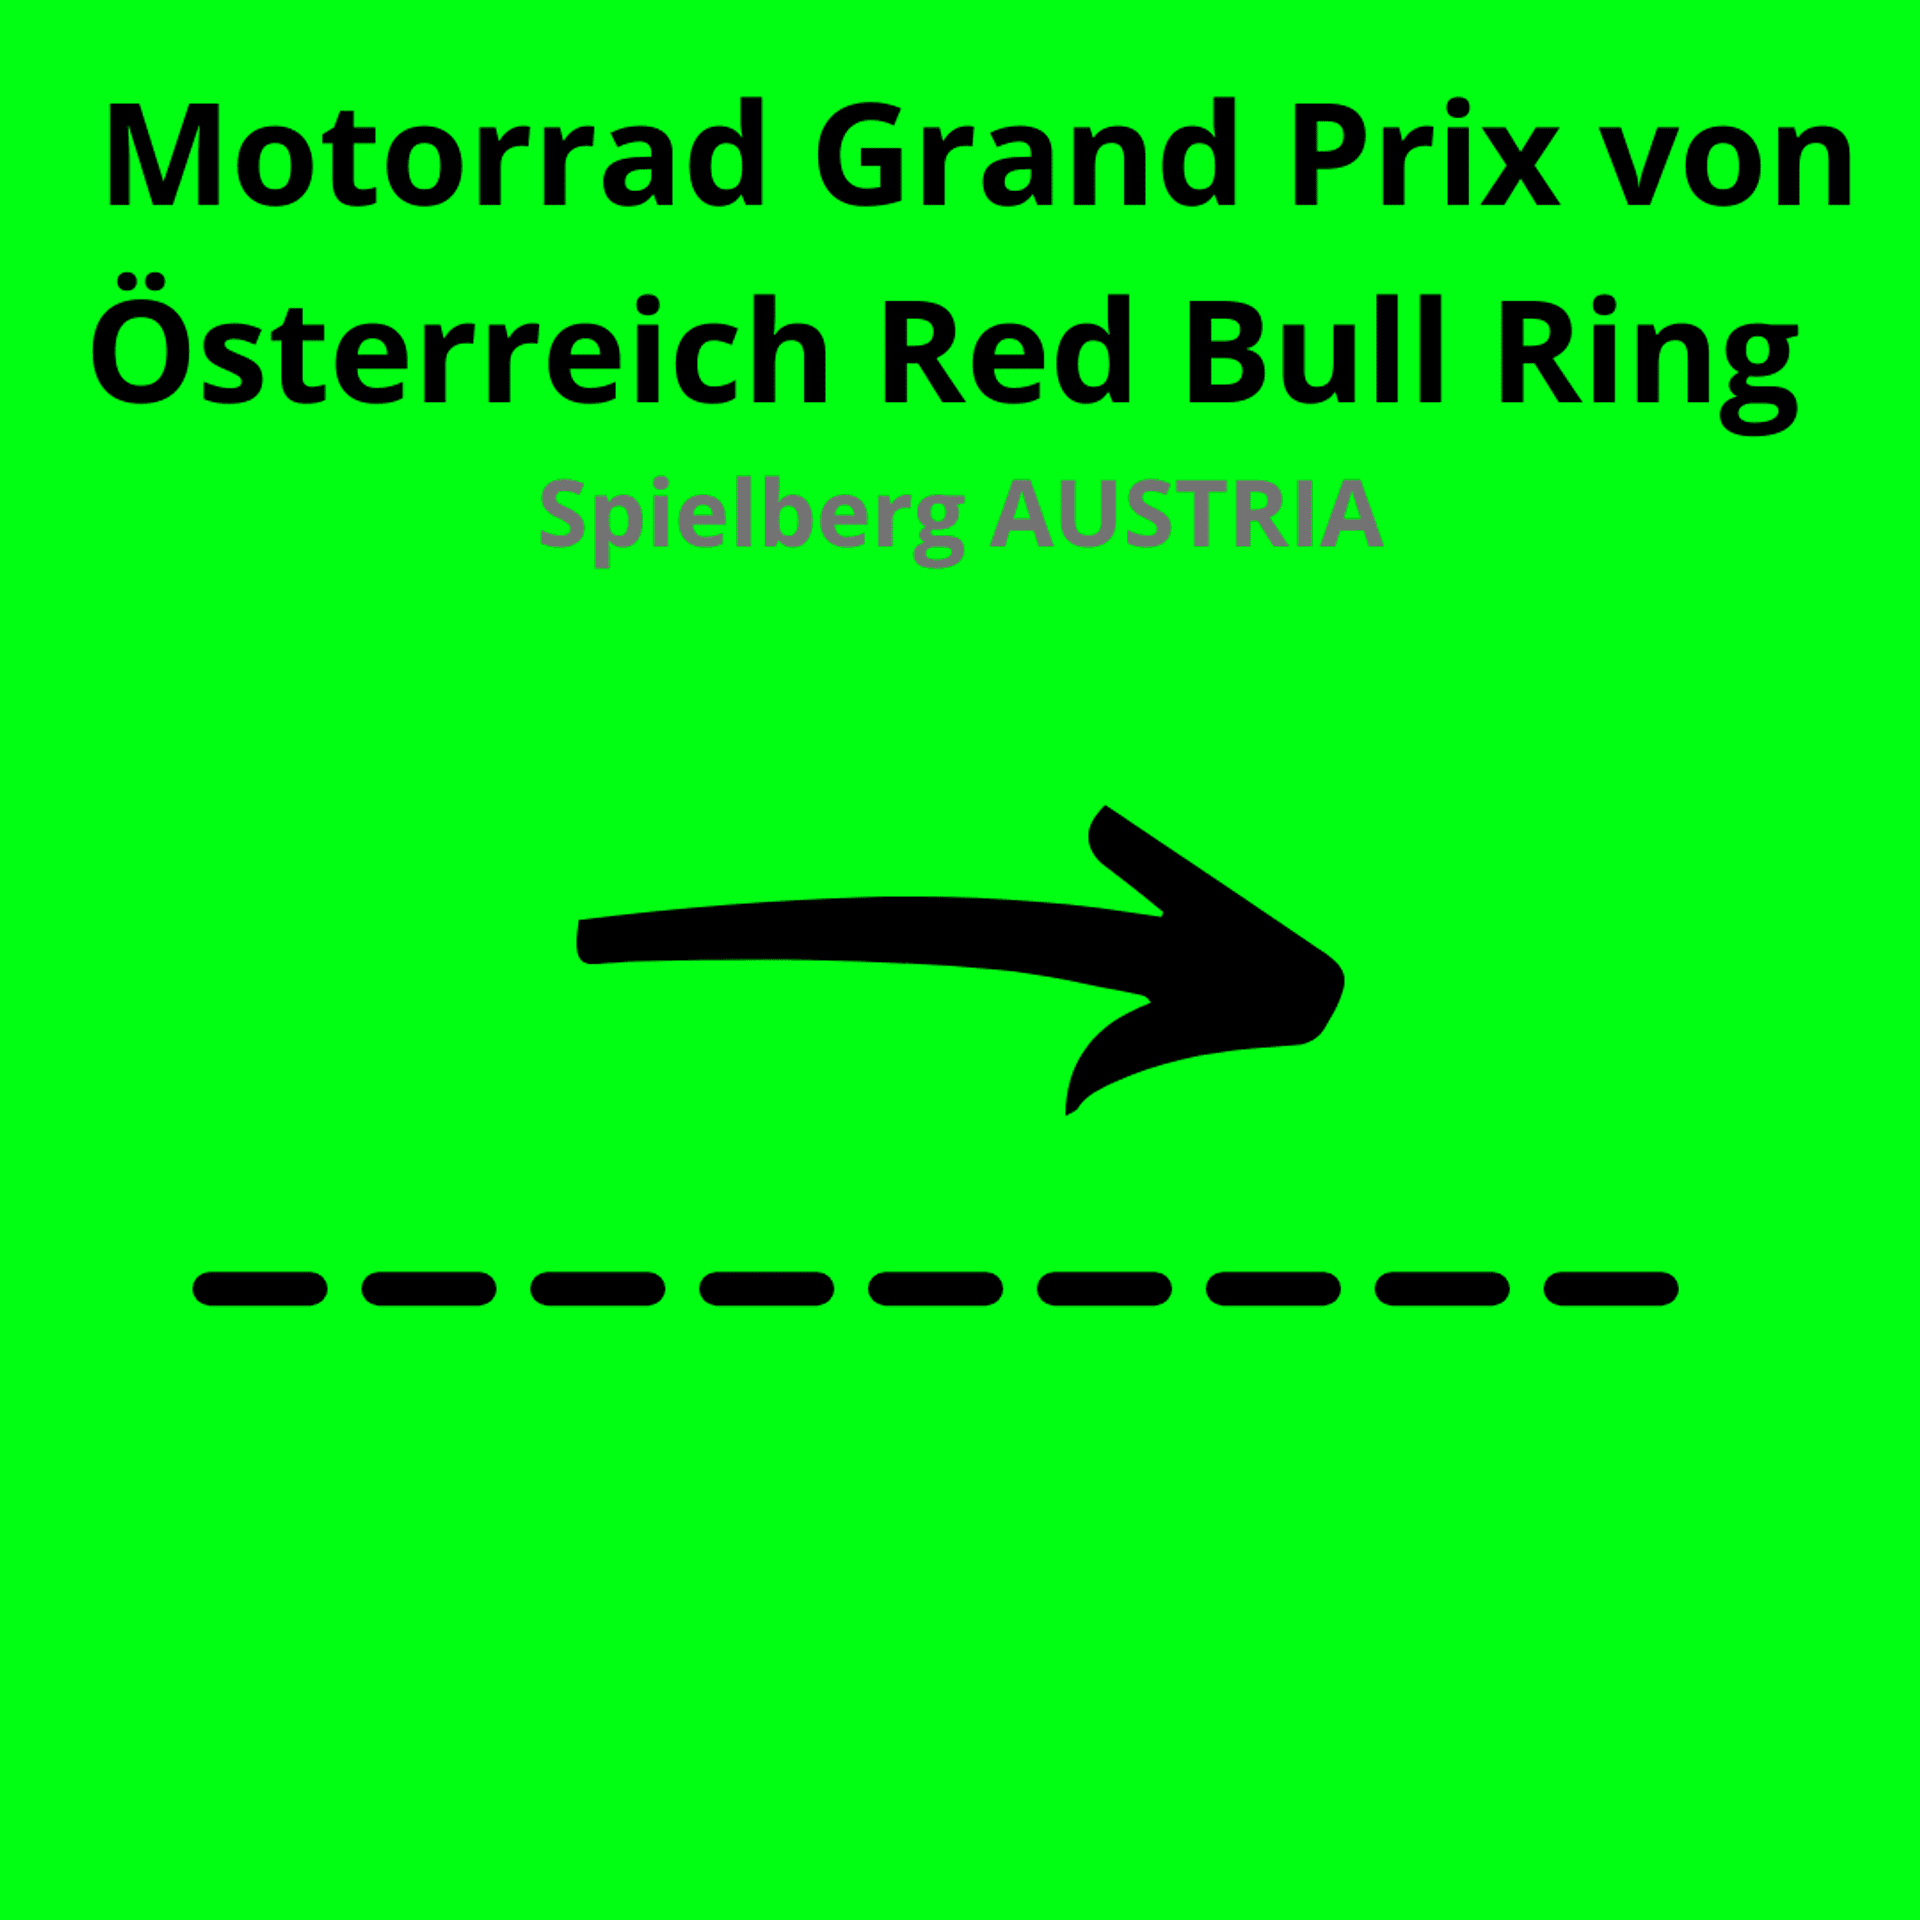 Motorrad Grand Prix von Österreich Red Bull Ring